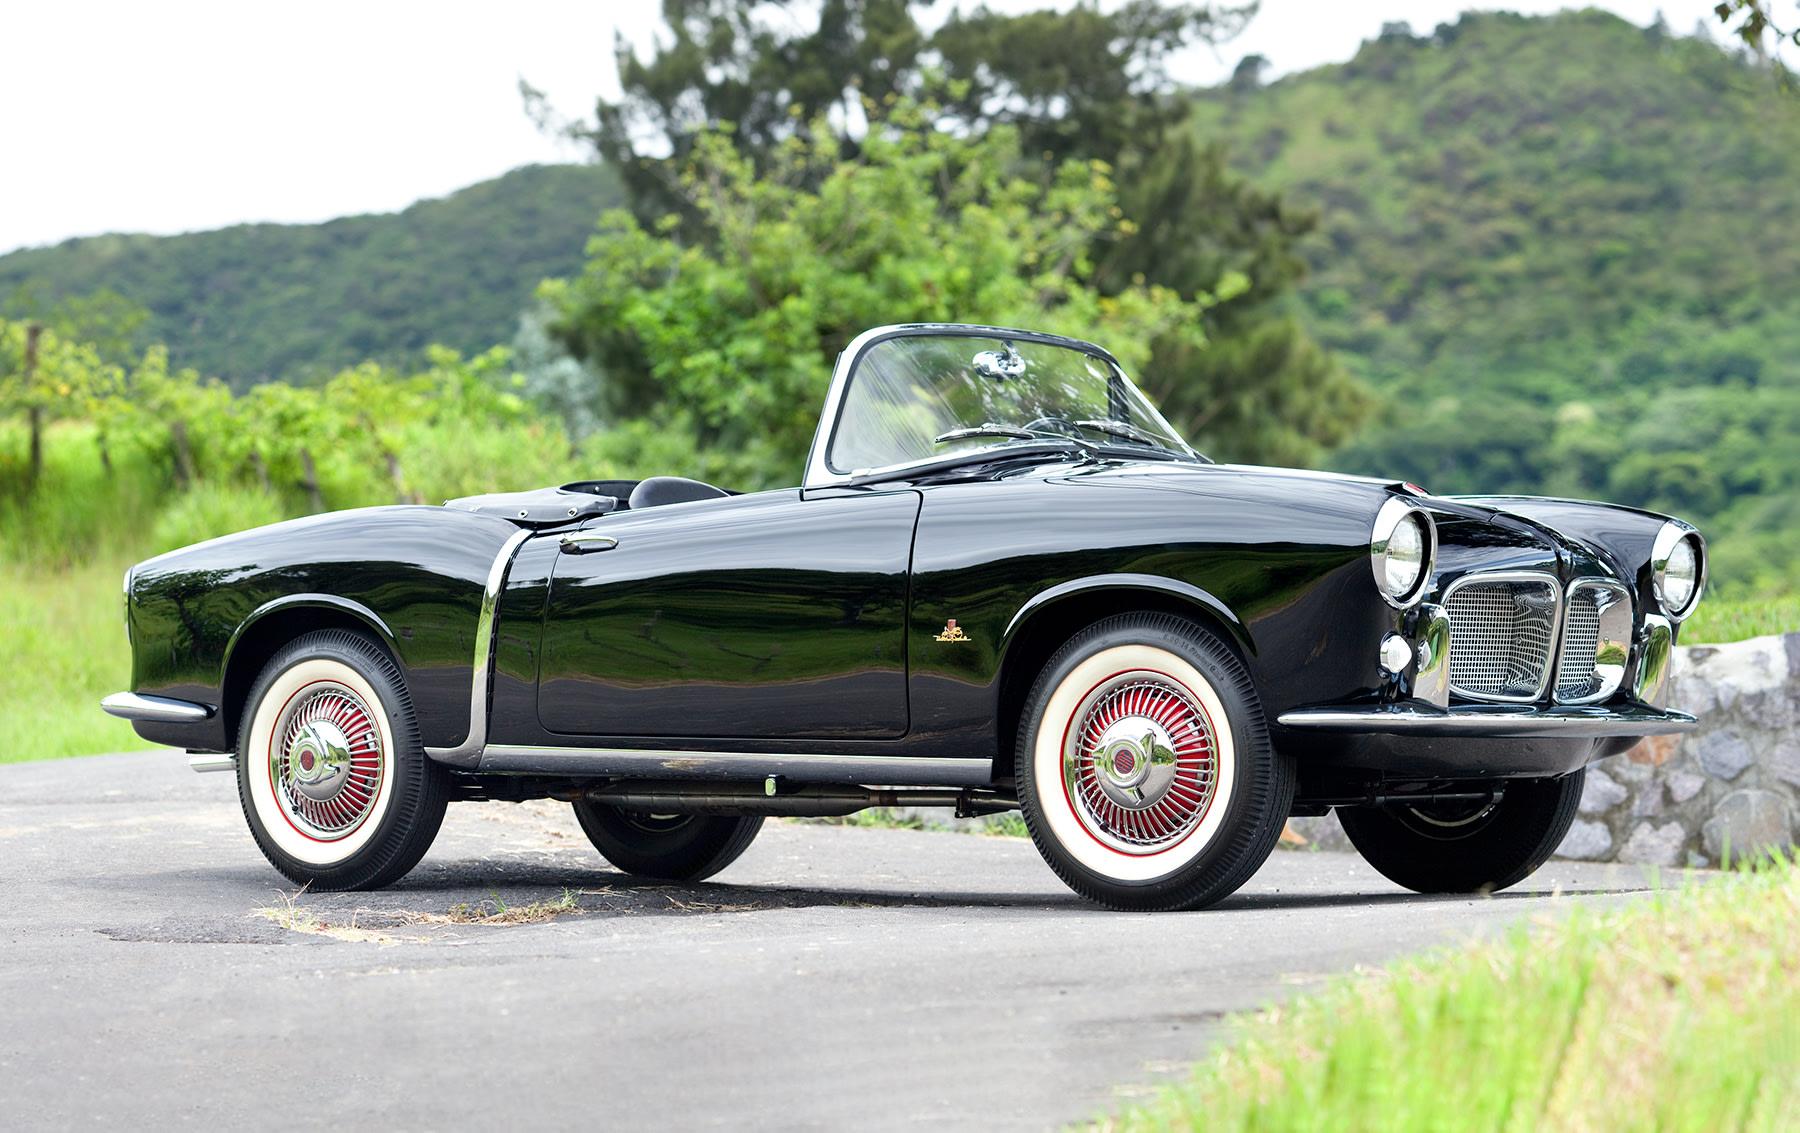 1959 Fiat 1200 Turismo Veloce Spider